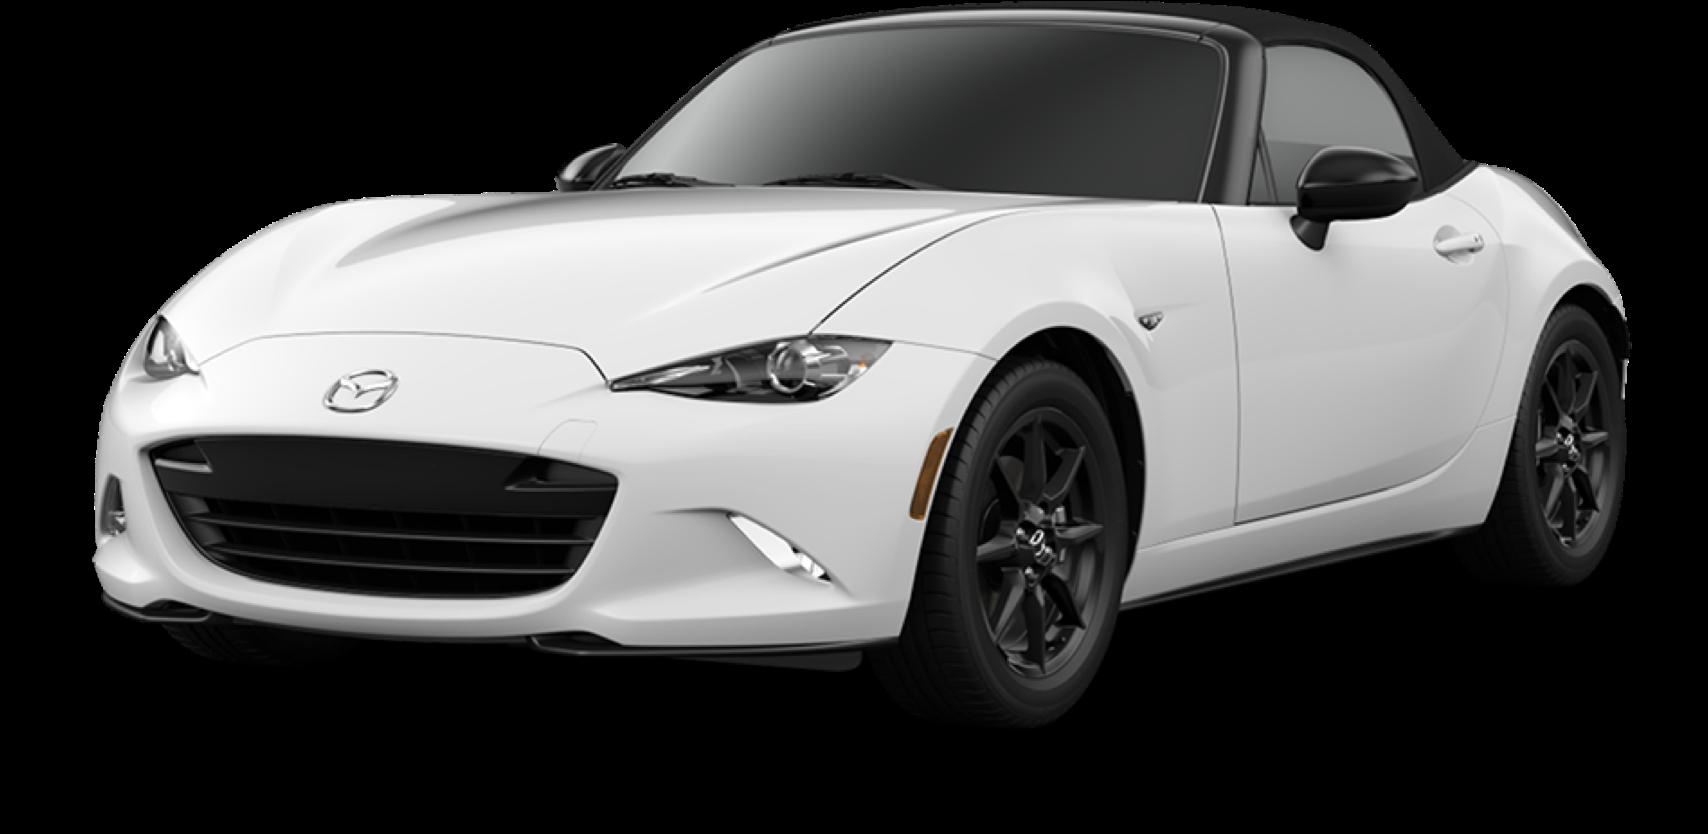 2021 Mazda MX-5 Miata, Arctic White